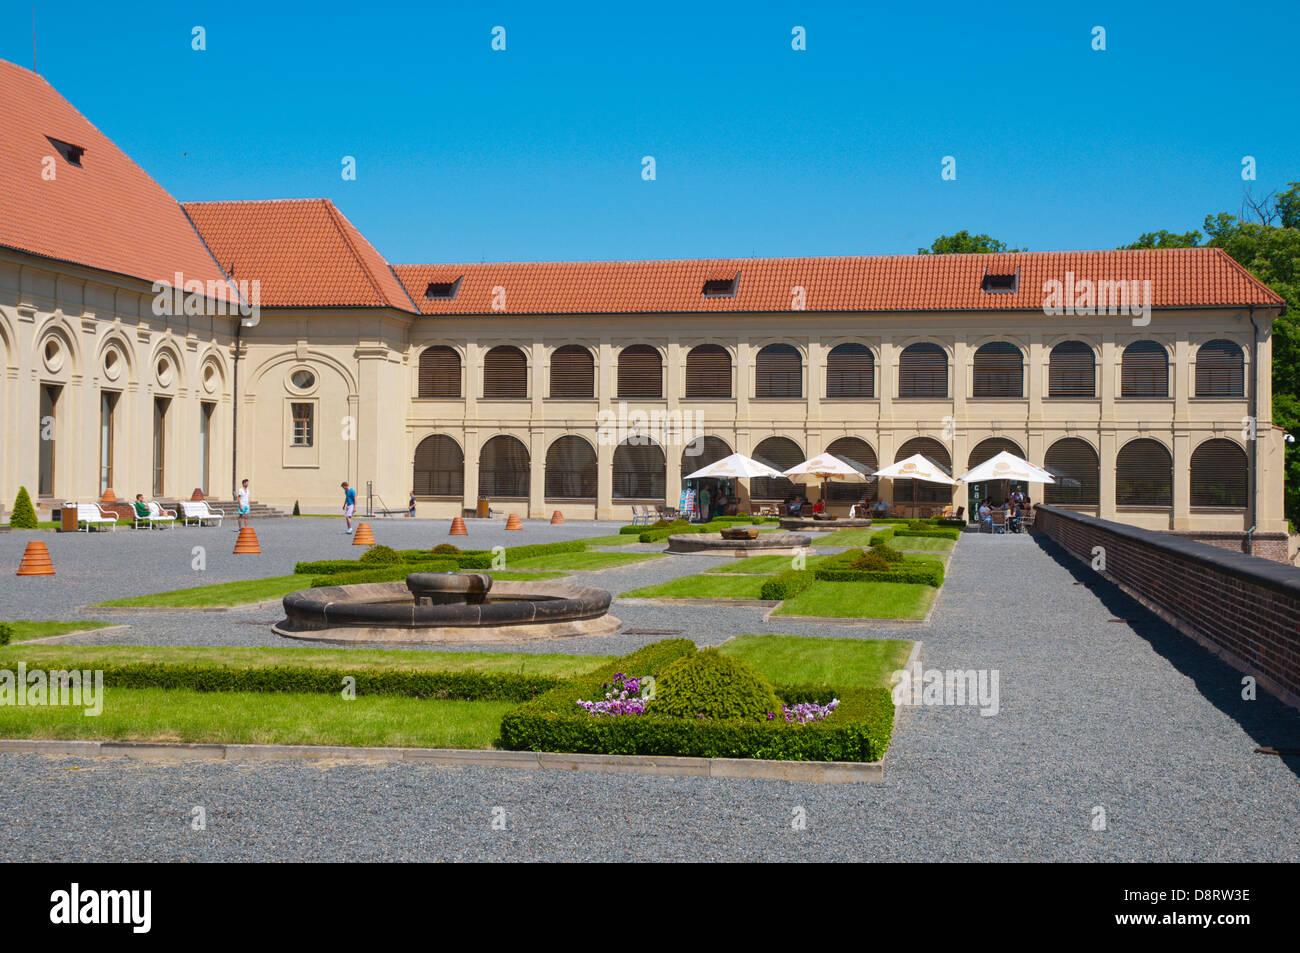 Giardini intorno Jizdarna la scuola di equitazione Hradcany distretto della città di Praga Repubblica Ceca Immagini Stock